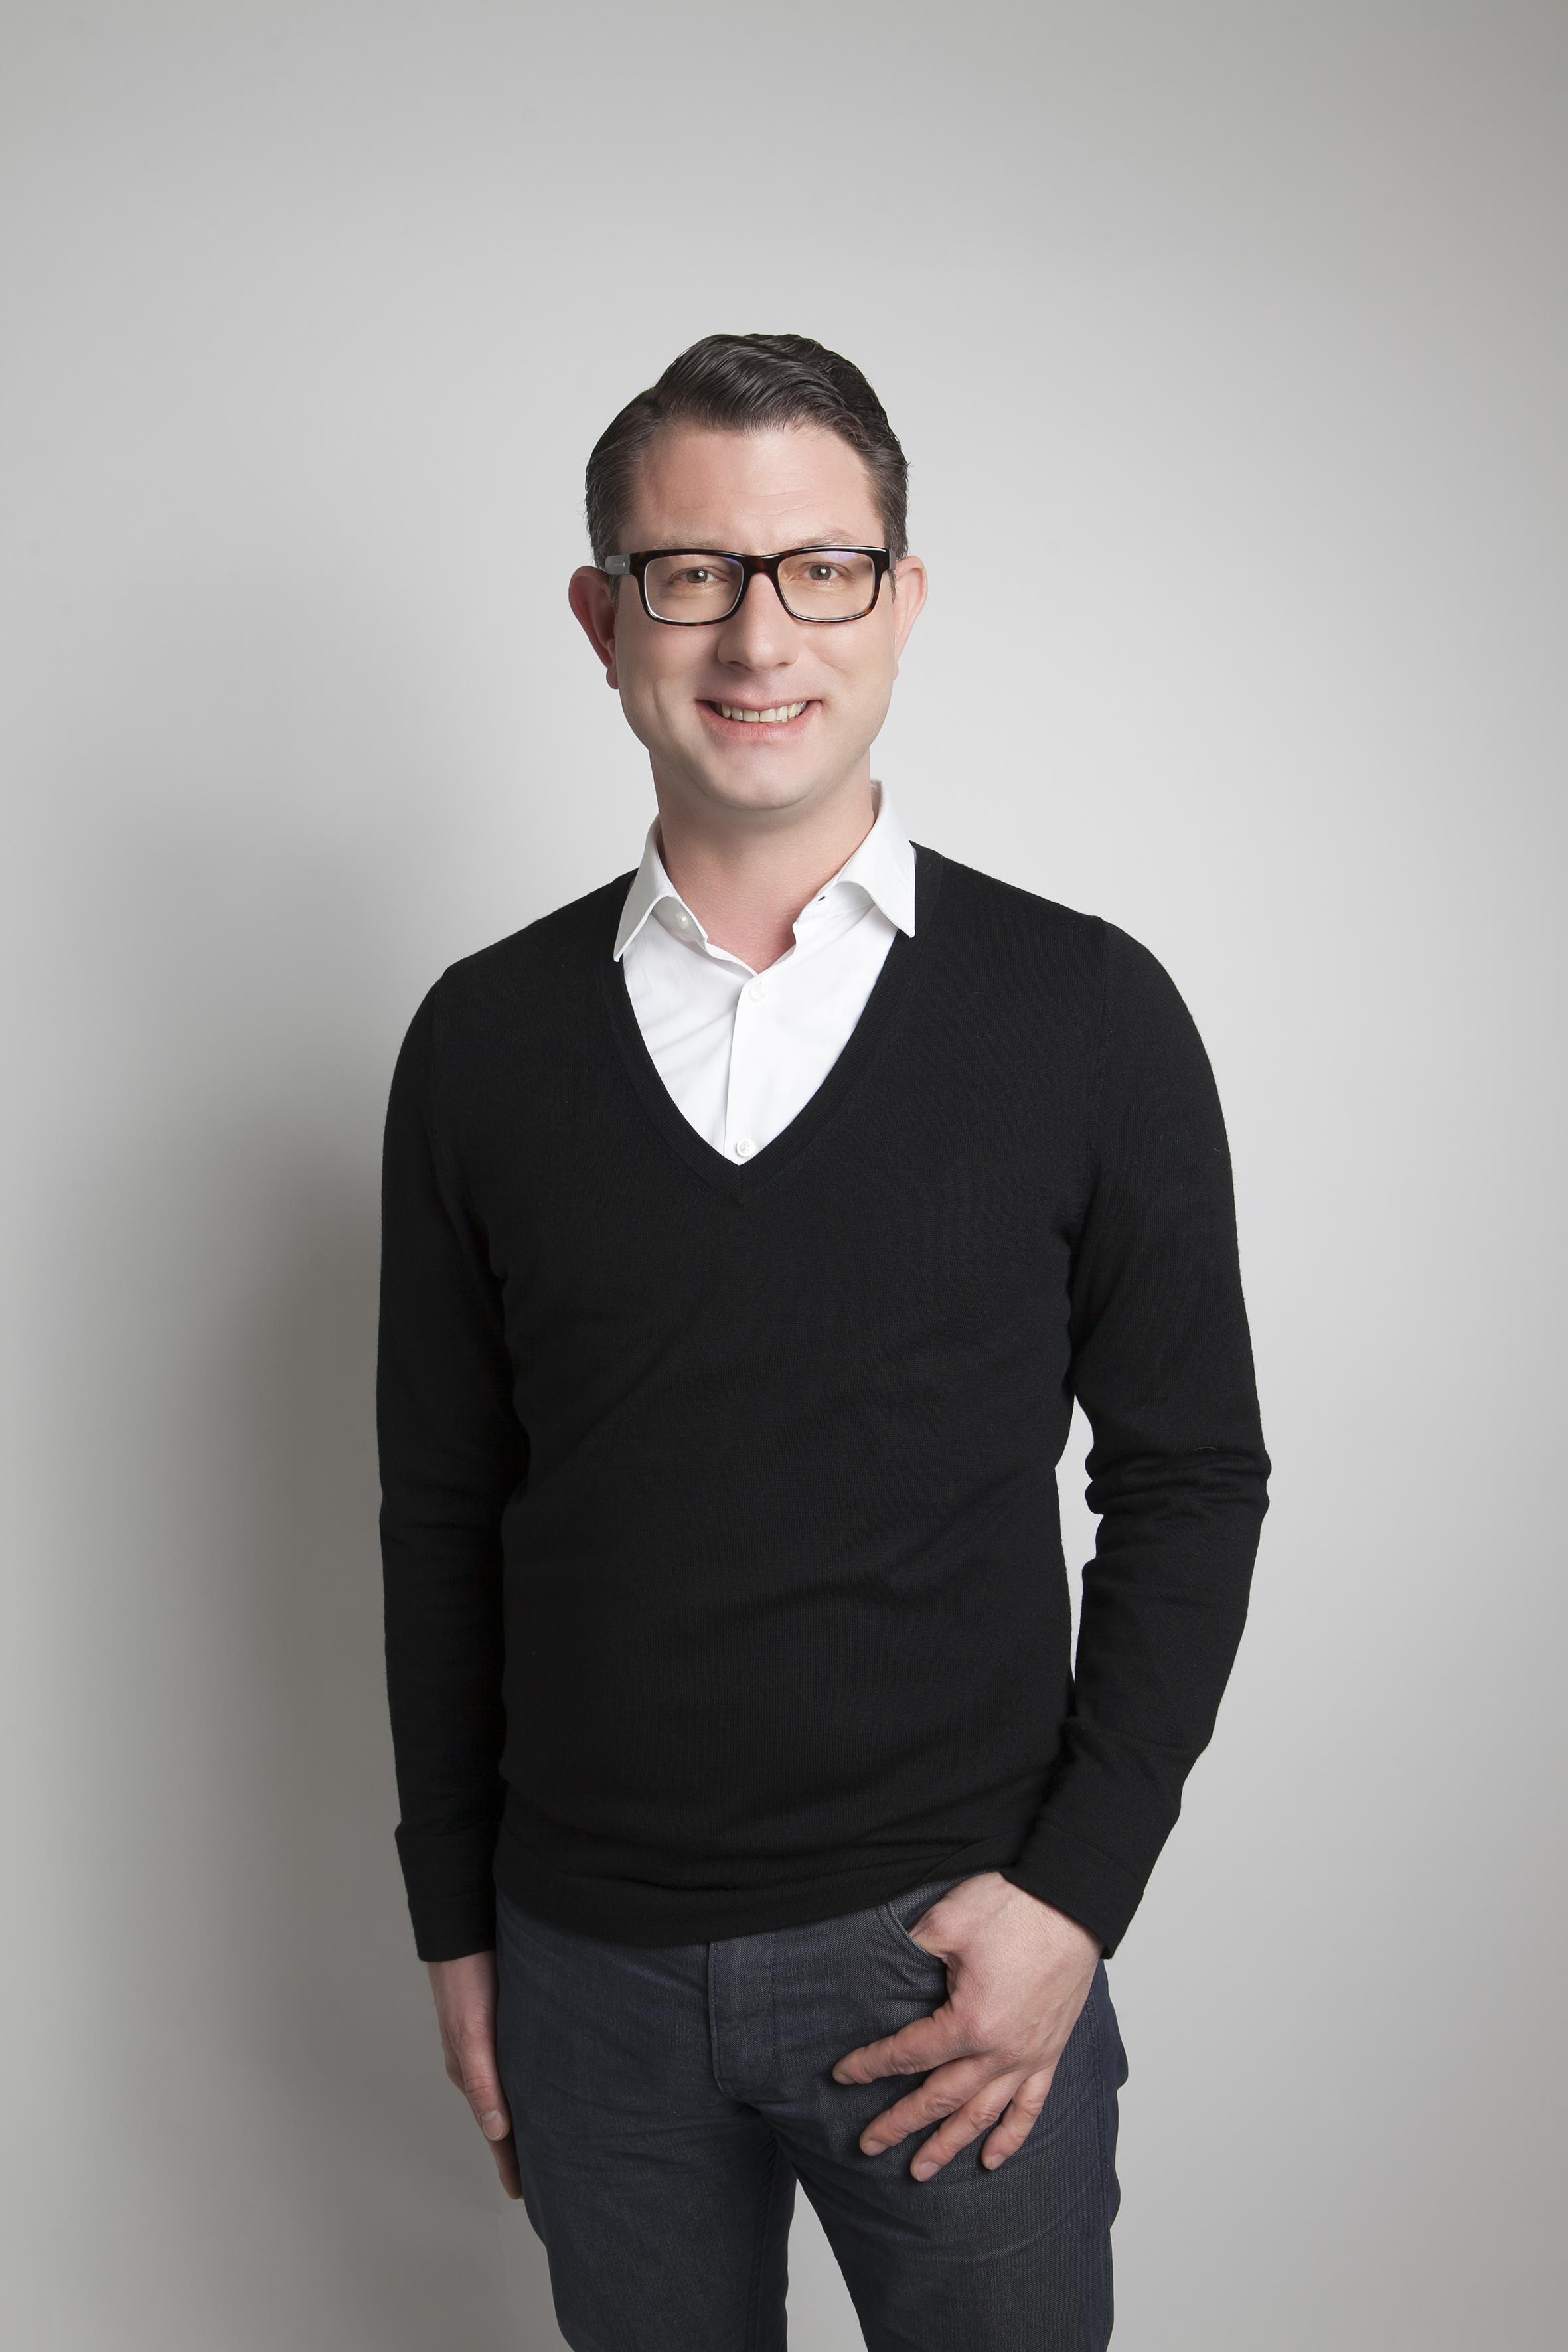 Jens Ortel